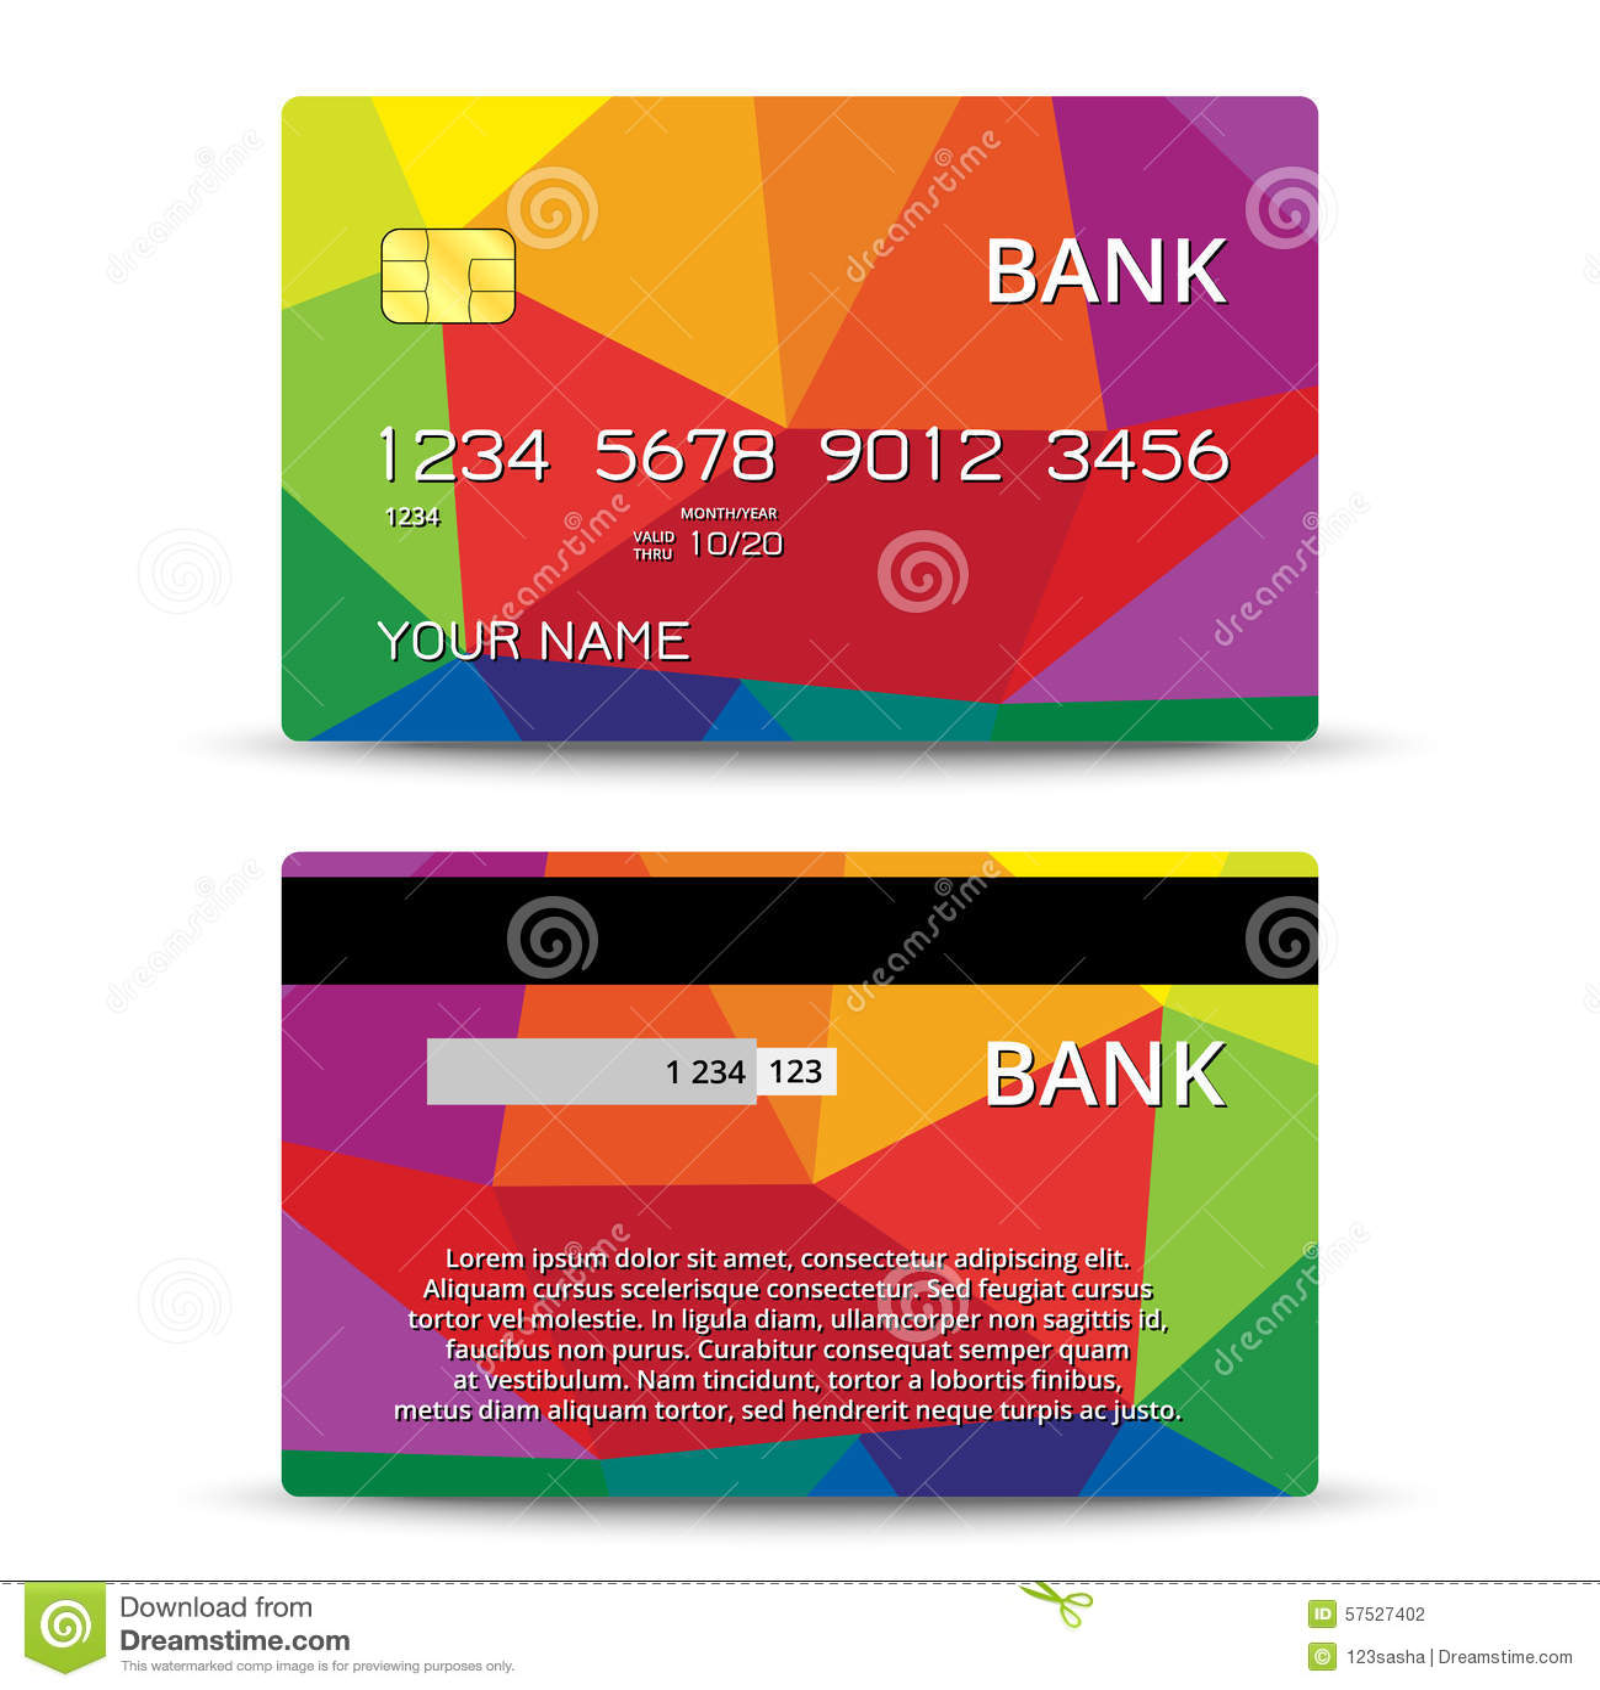 Plantillas Del Diseño De Las Tarjetas De Crédito Ilustración del ...